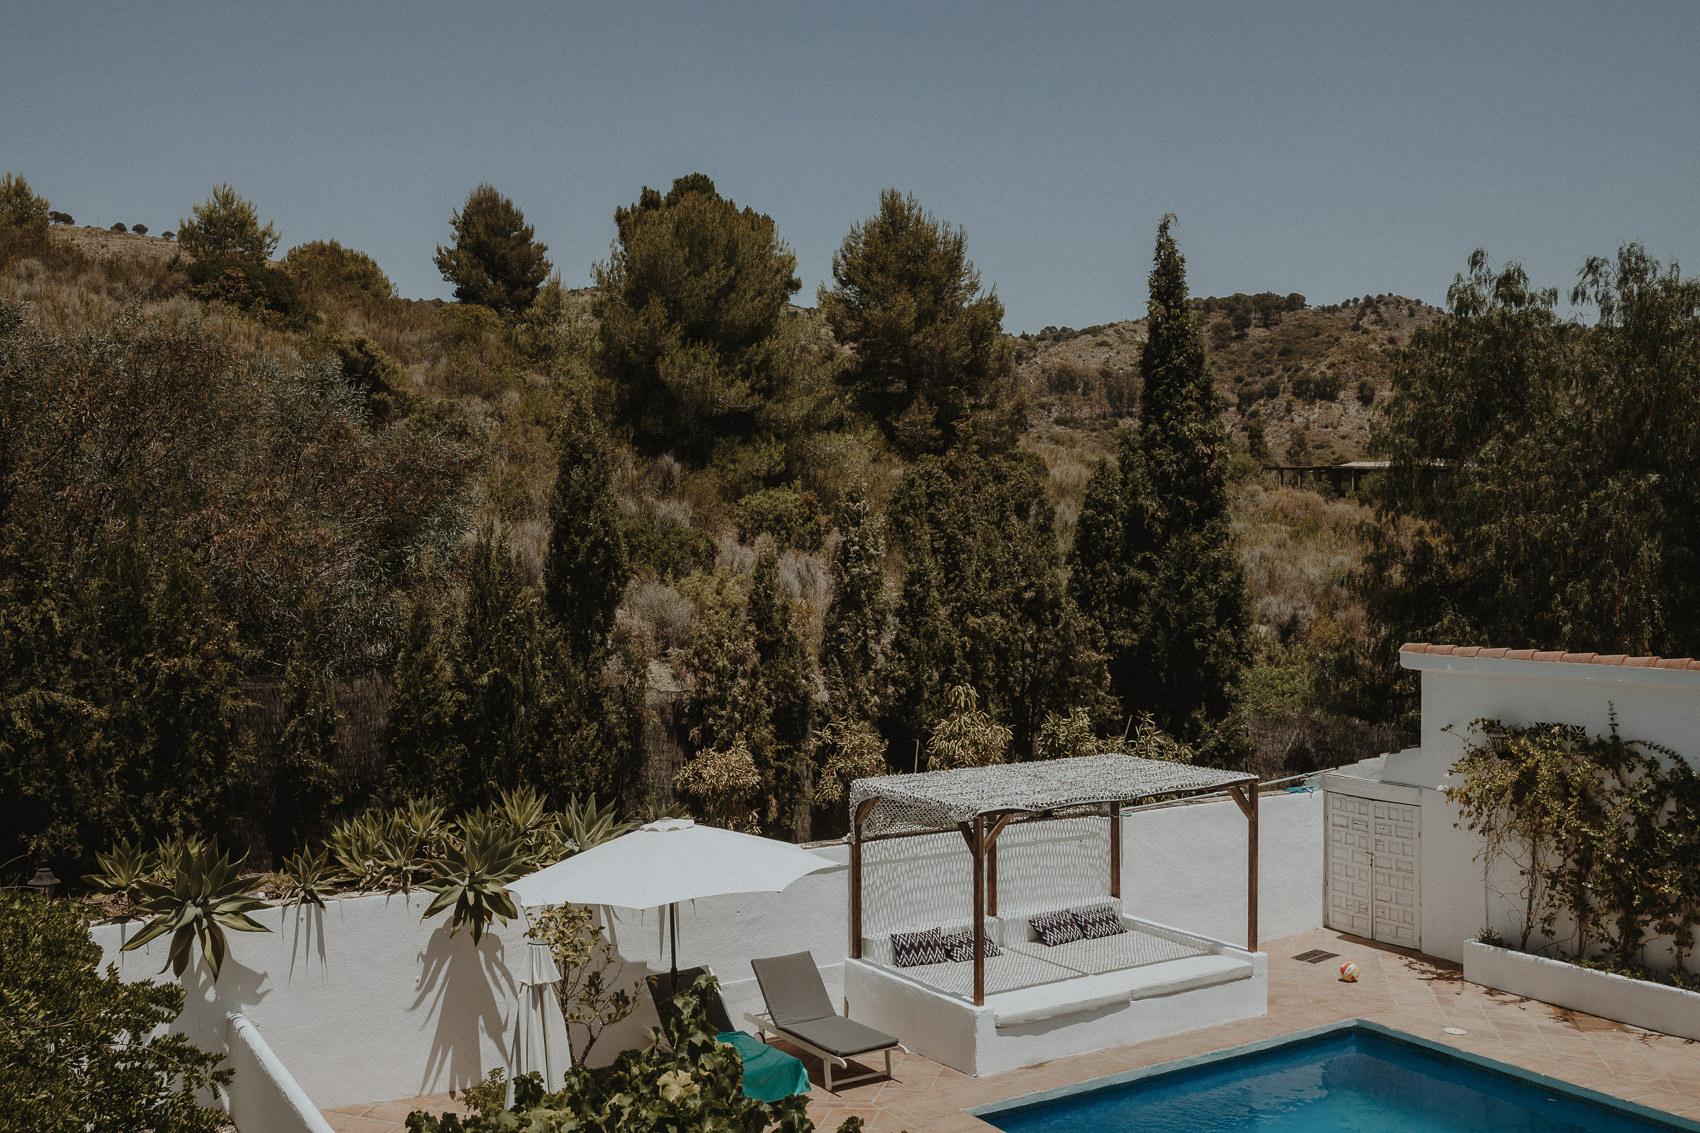 Sarah & Bill | Summer wedding at Cortijo Rosa Blanca | Marbella - Spain 3